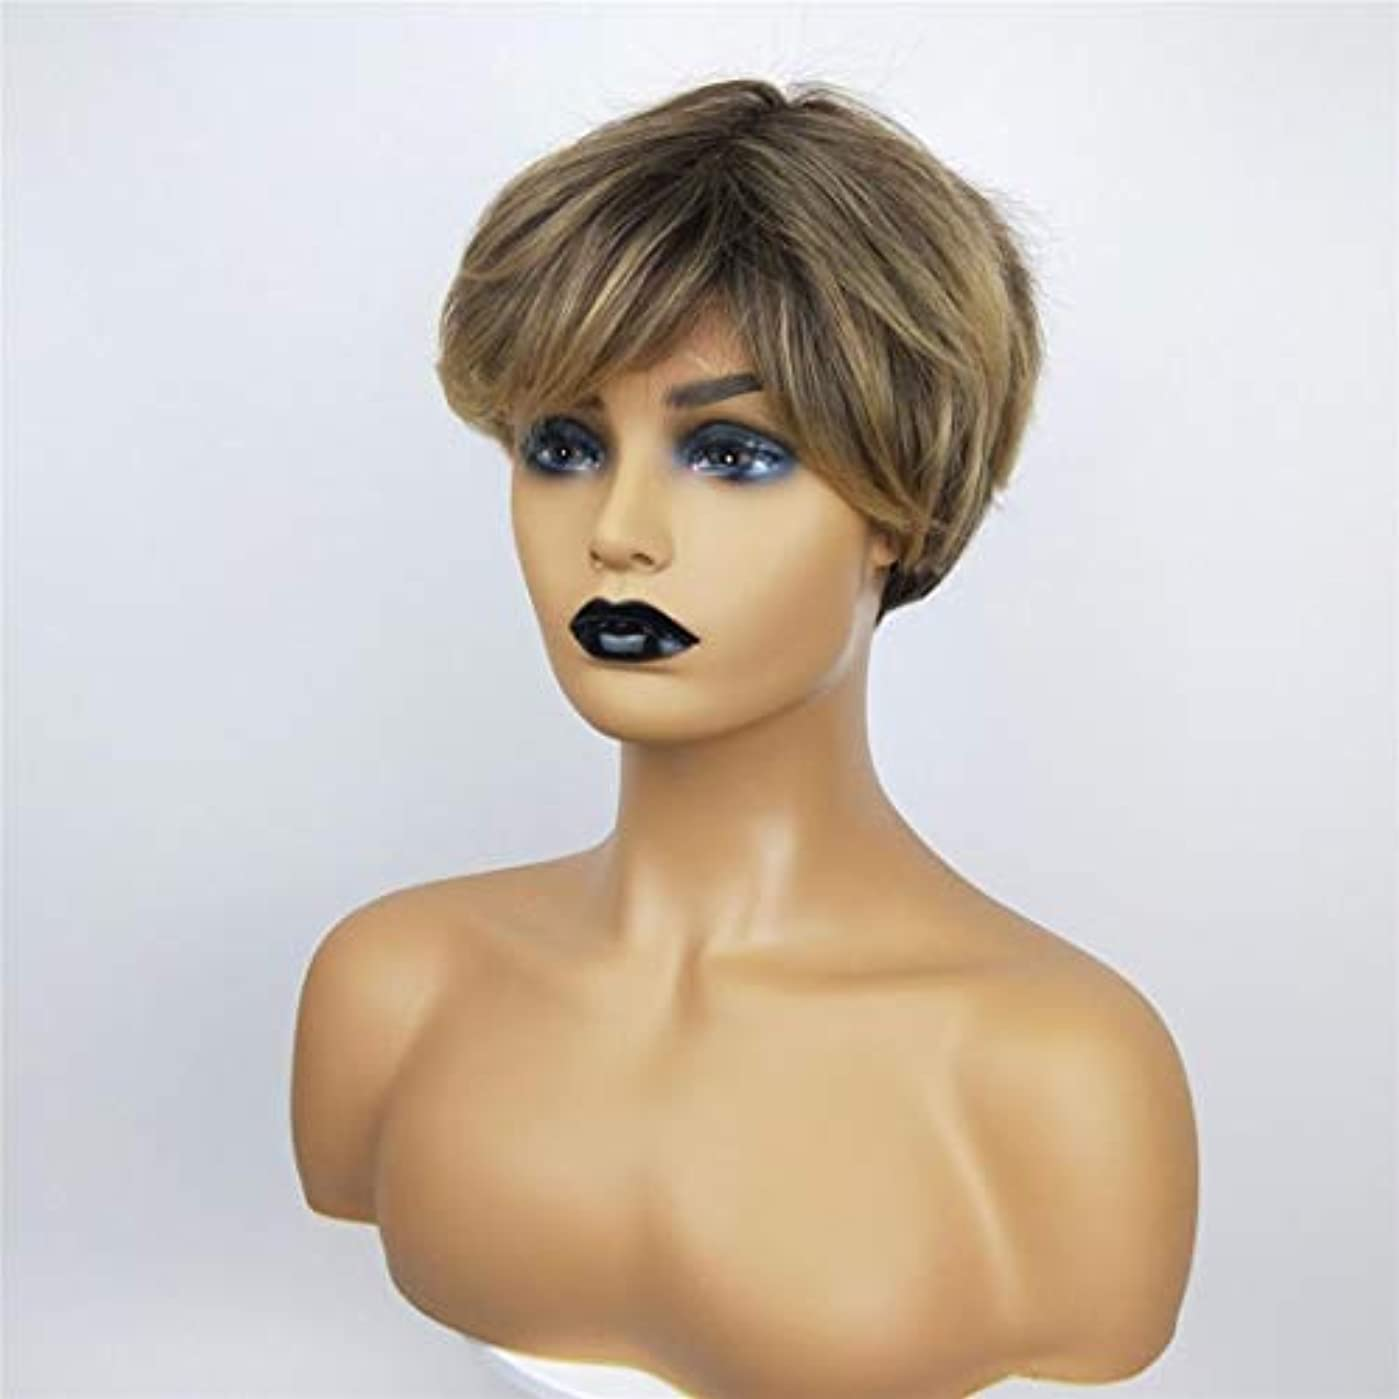 トムオードリース地域アレンジSummerys 女性のための短い巻き毛のかつら高温シルクケミカルファイバーウィッグヘッドギア